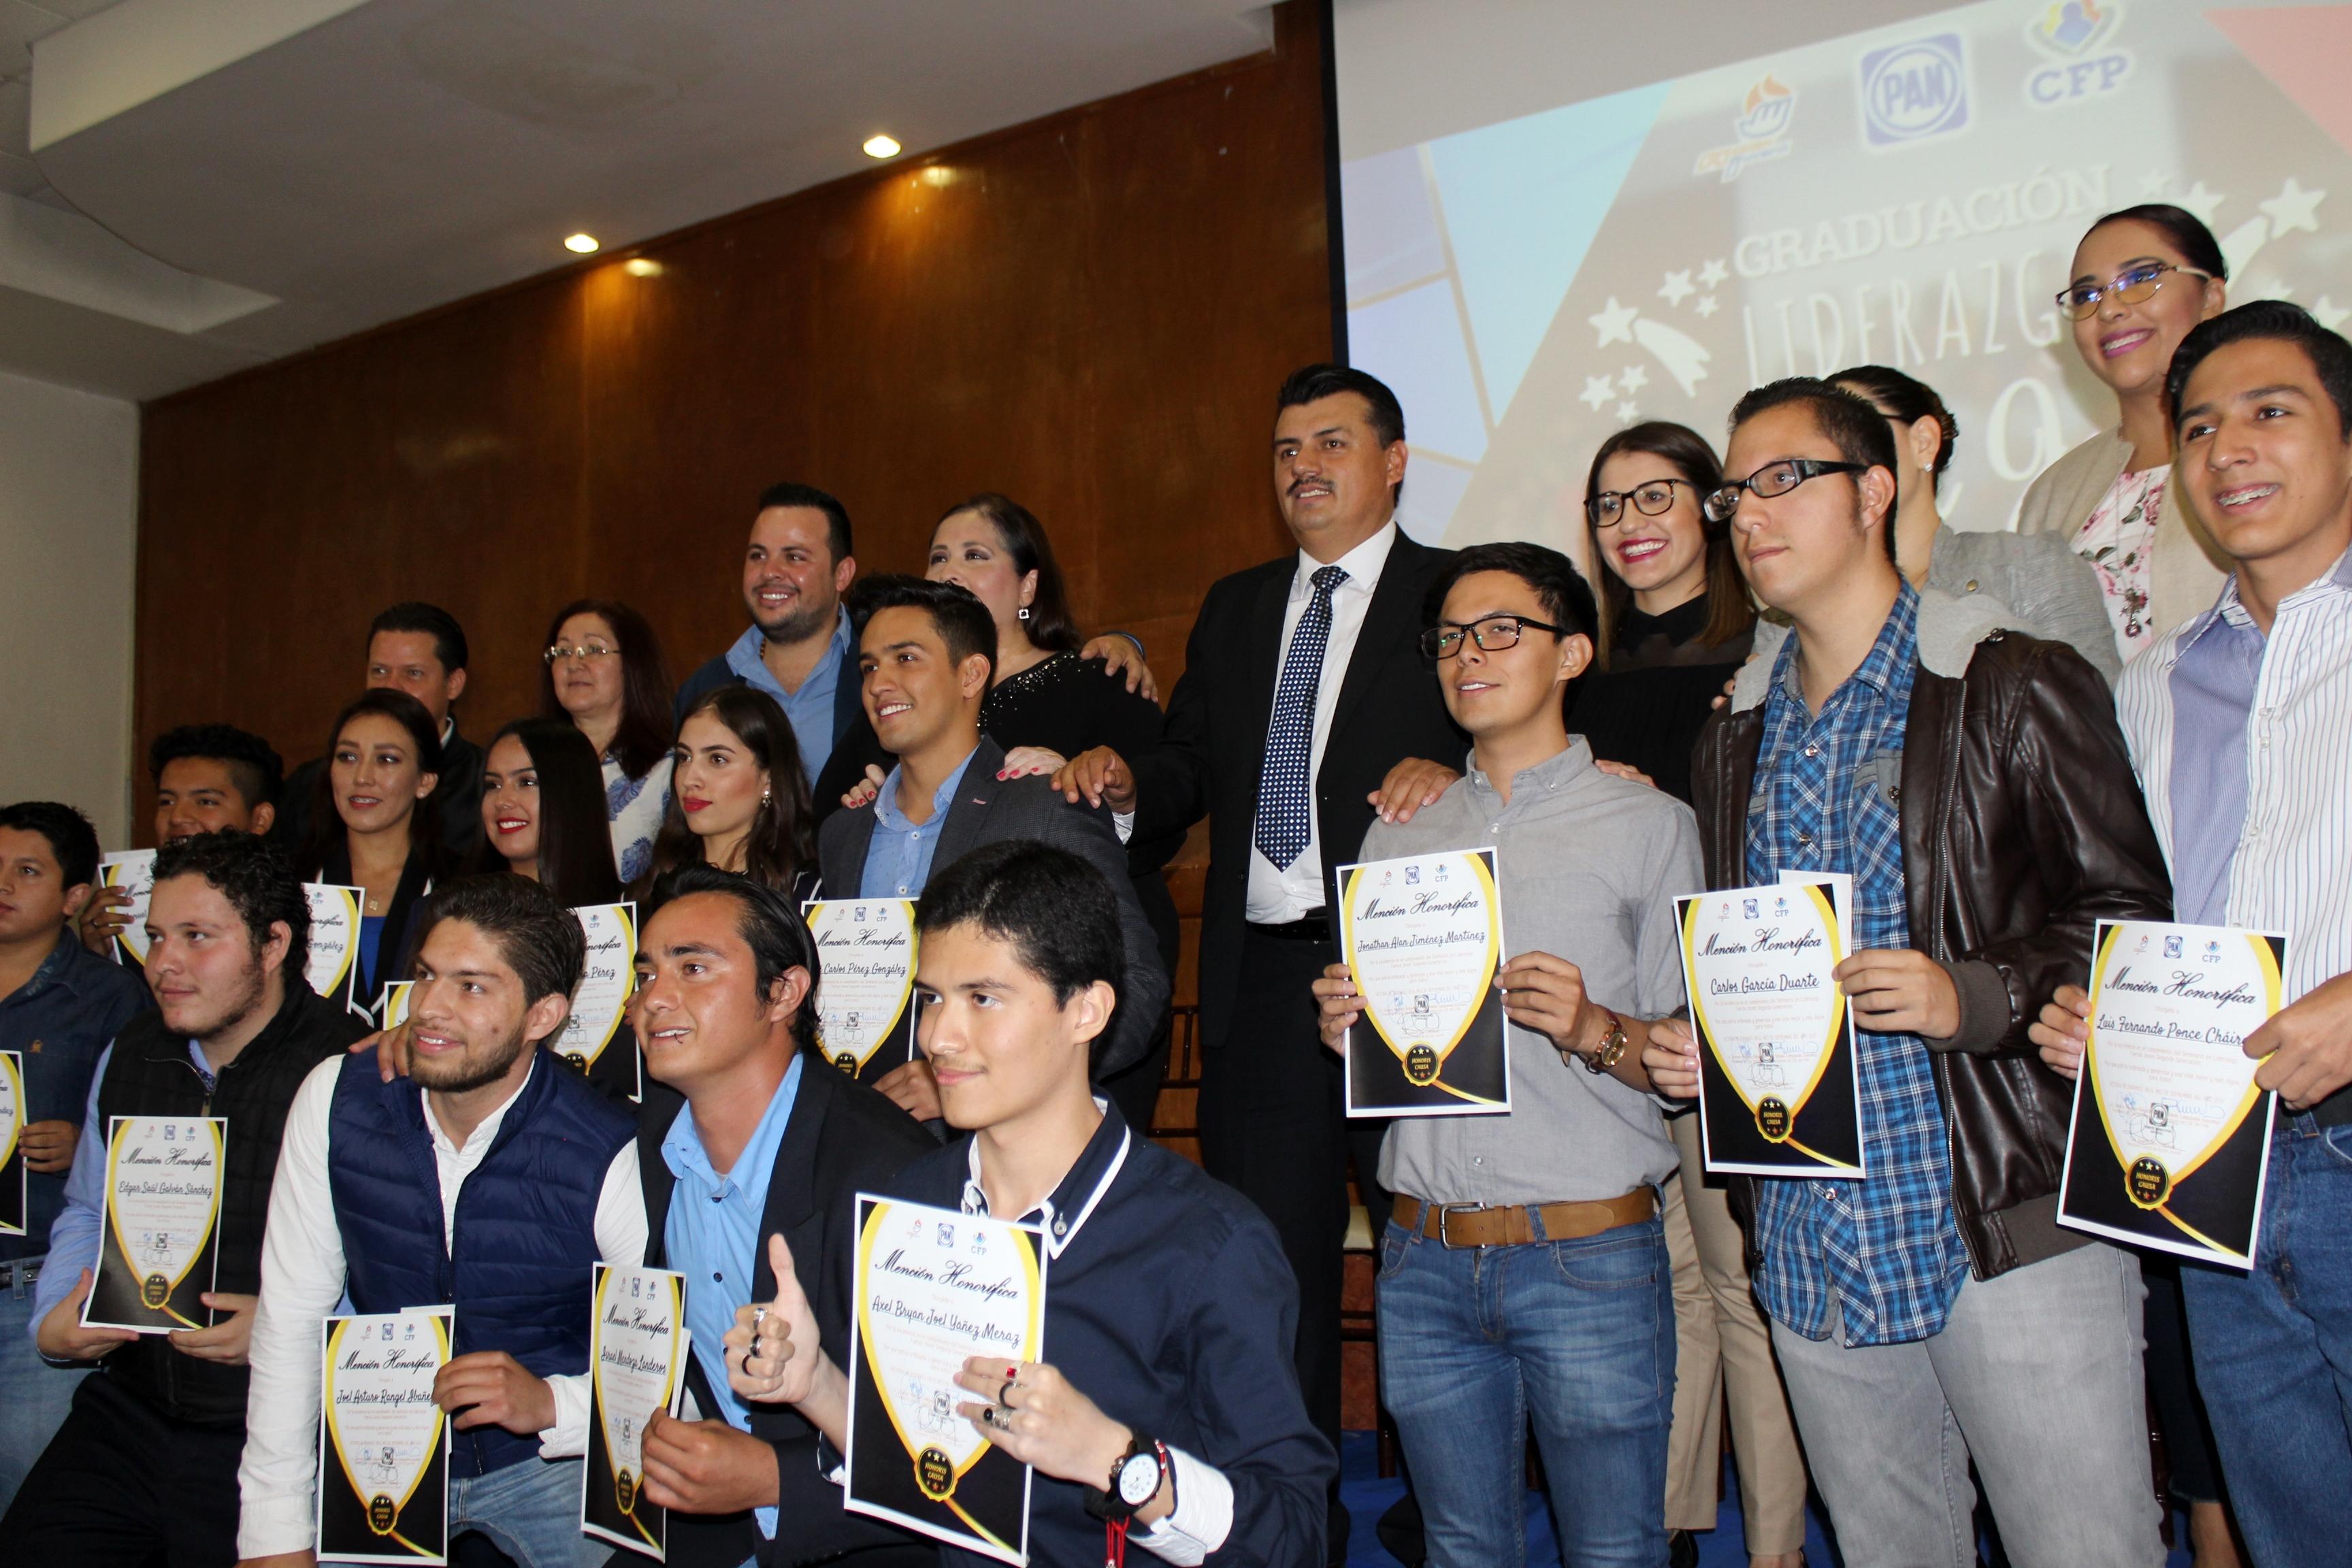 Liderazgo de jóvenes, prioridad de Acción Nacional: Lorenzo Martínez